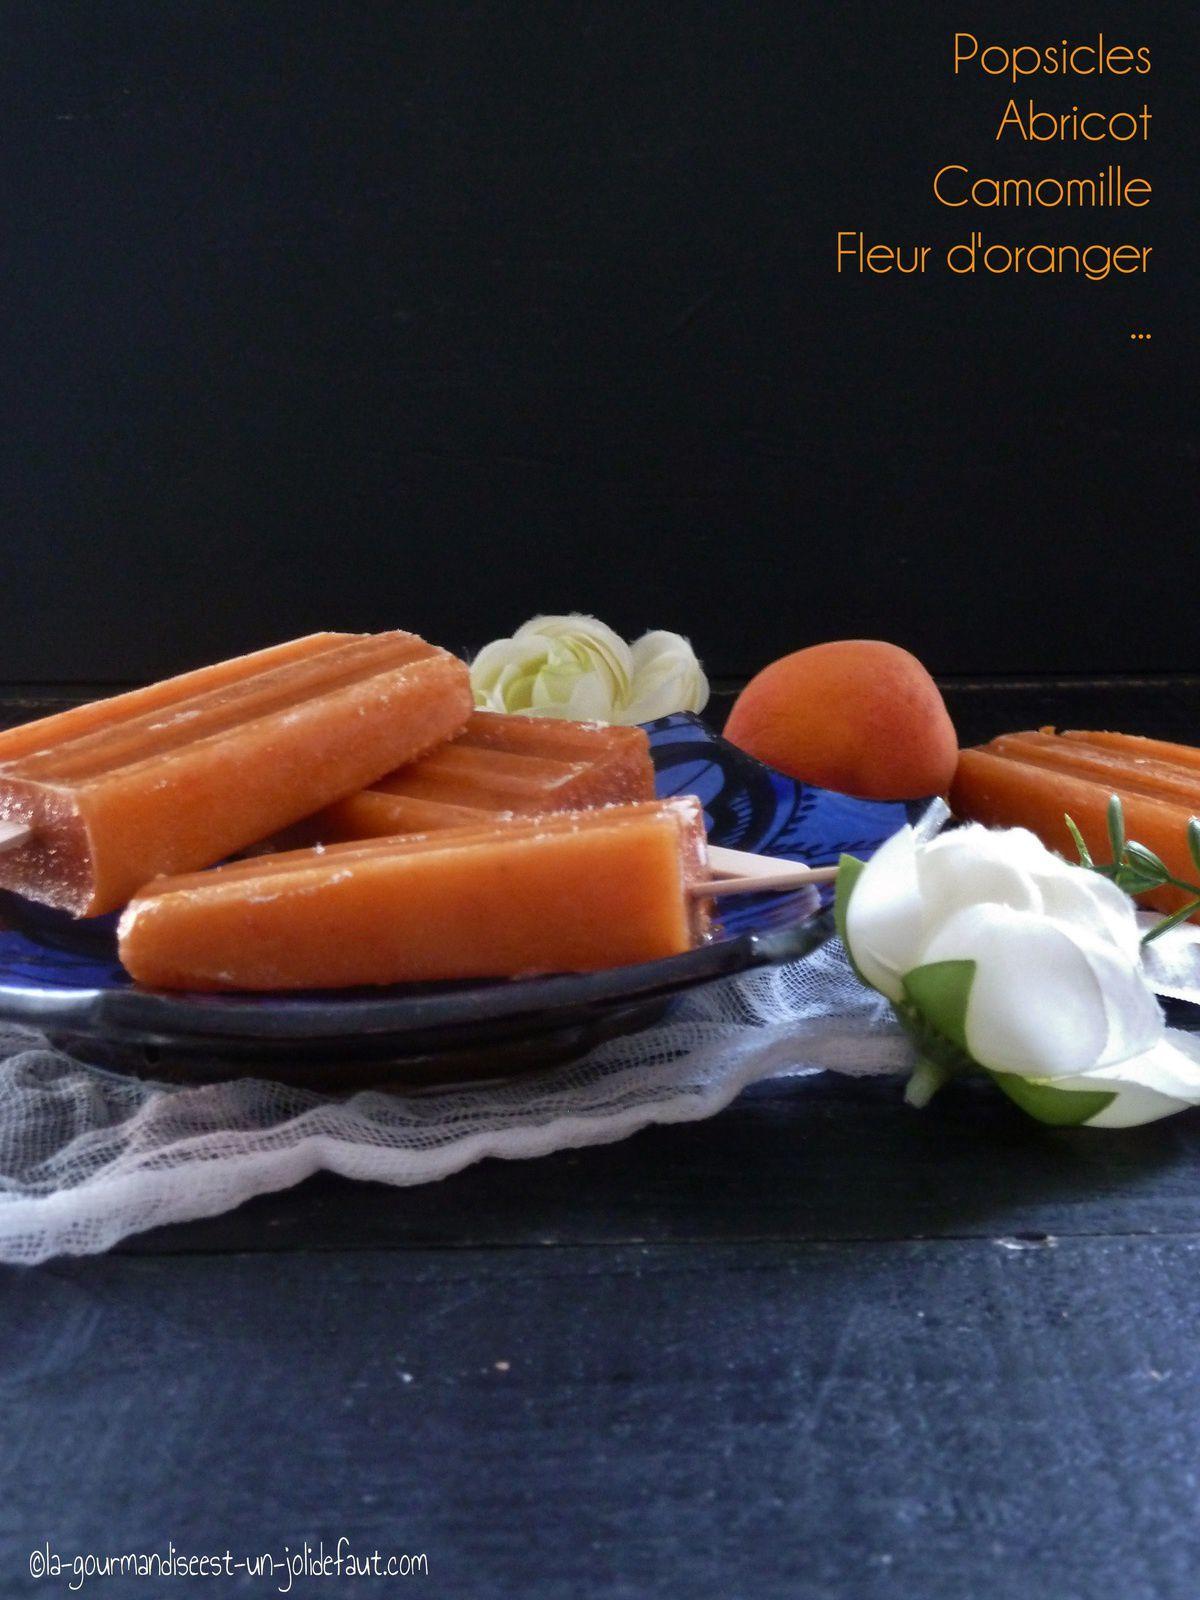 Popsicles sorbet abricot parfumé à la camomille et à la fleur d'oranger